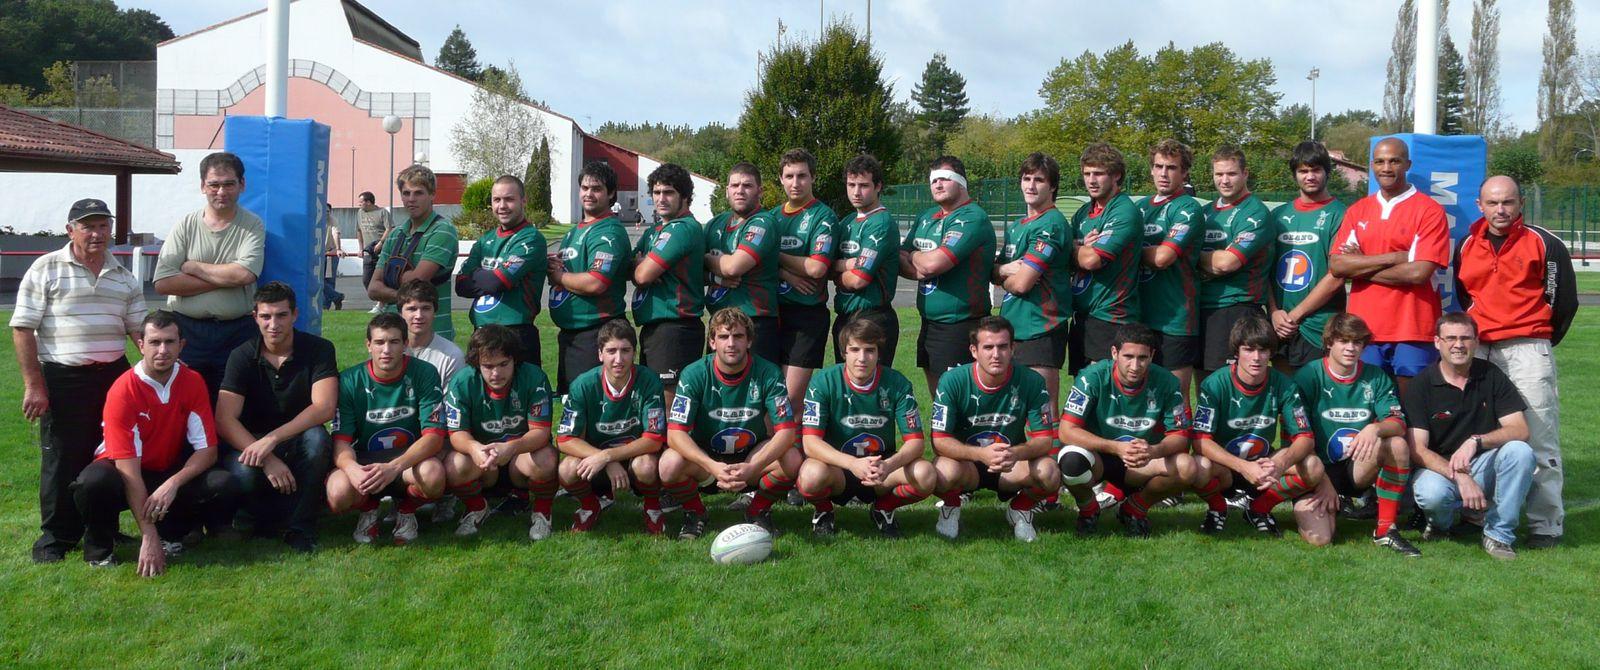 équipe reichel 2009 2010 rectifiée